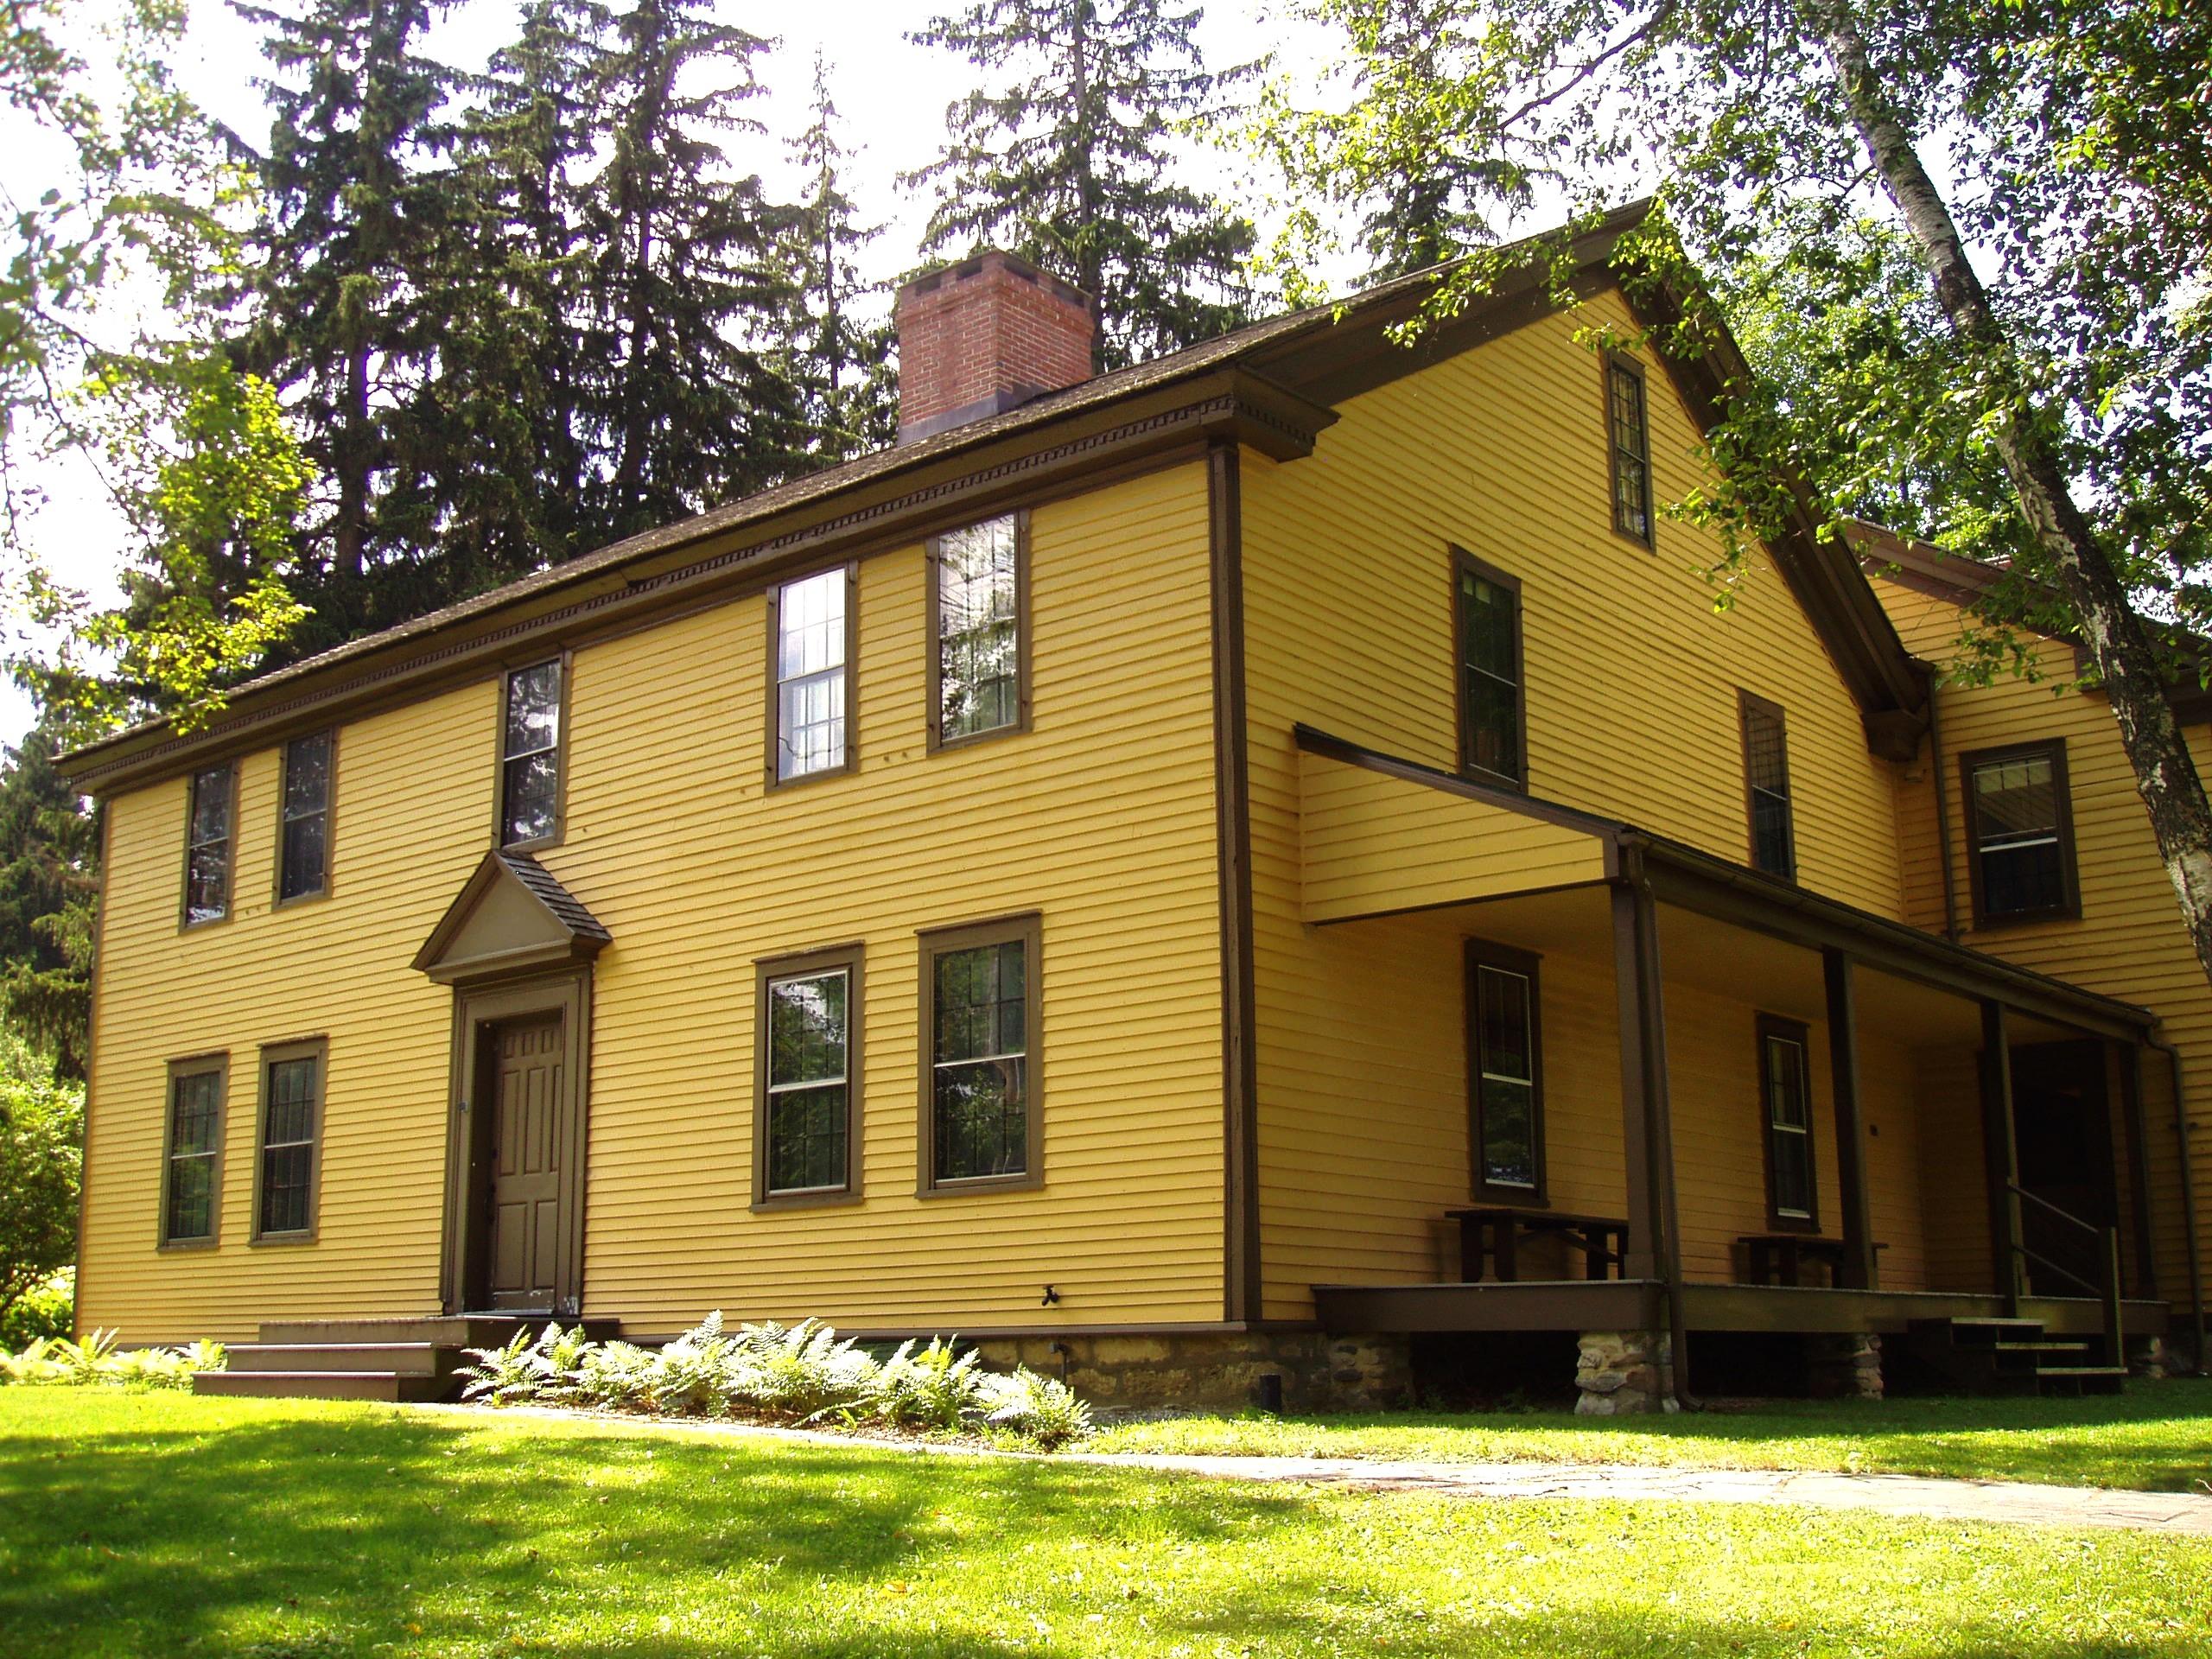 Arrowhead_(Herman_Melville),_Pittsfield,_Massachusetts